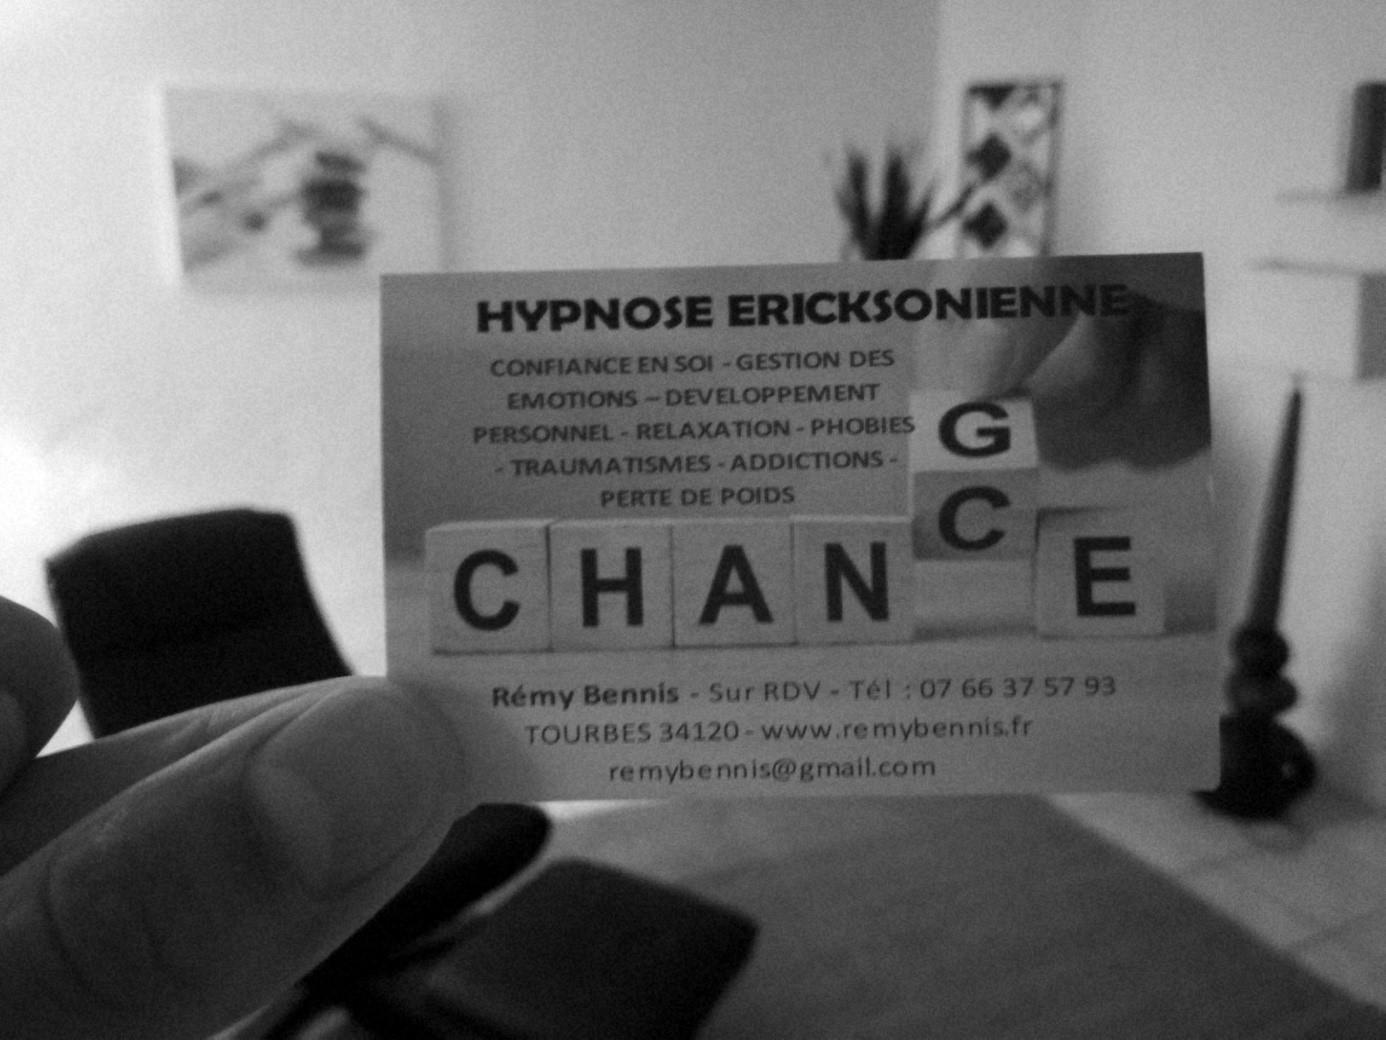 Hypnothérapeute (Hypnose Ericksonienne et Humaniste) et Coach en développement personnel